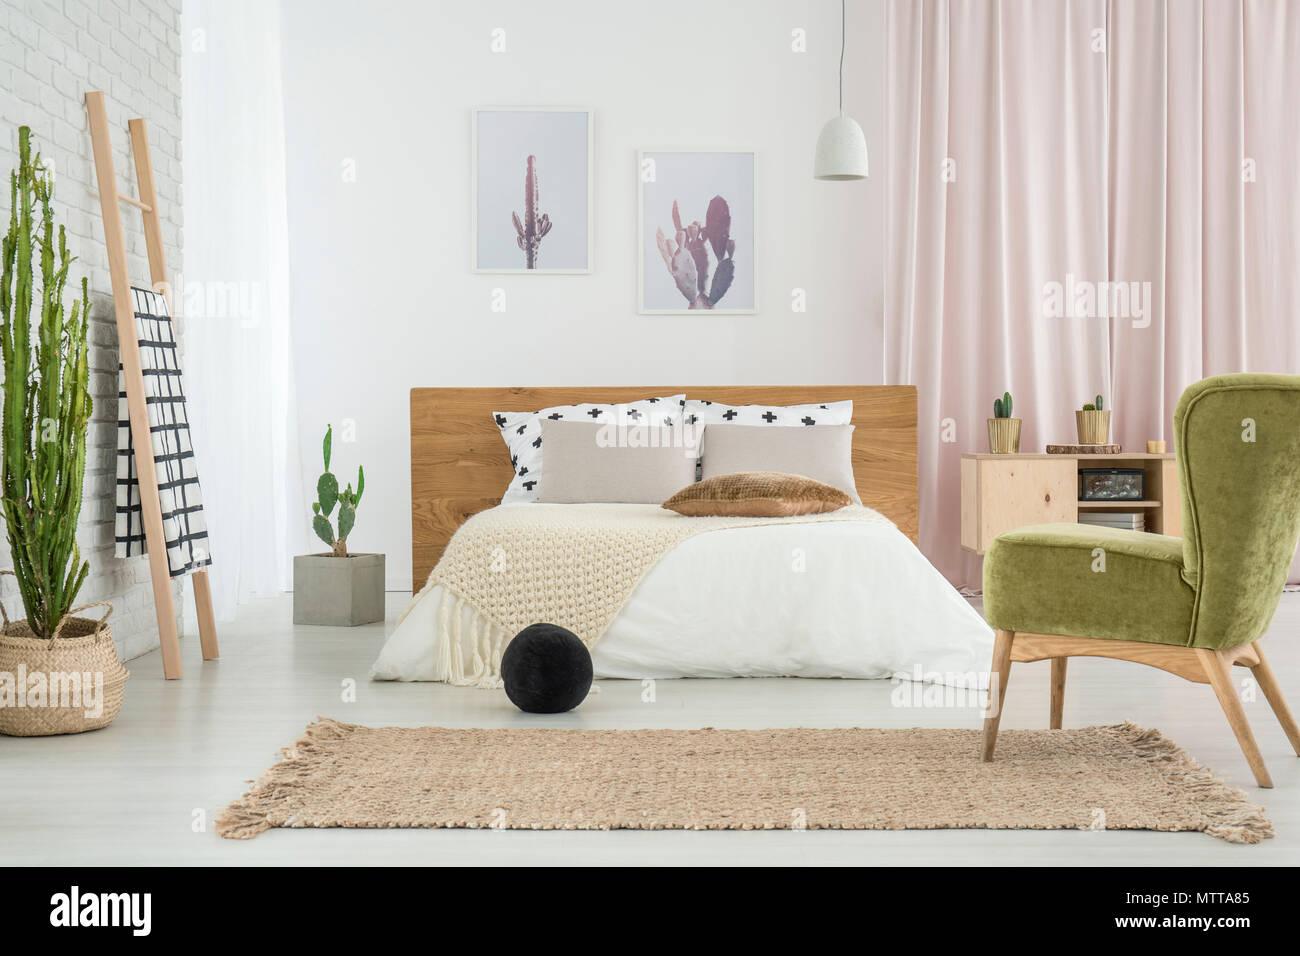 Camera Da Letto Verde E Nera : Verde sedia retrò e palla nera in camera da letto con poster sulla